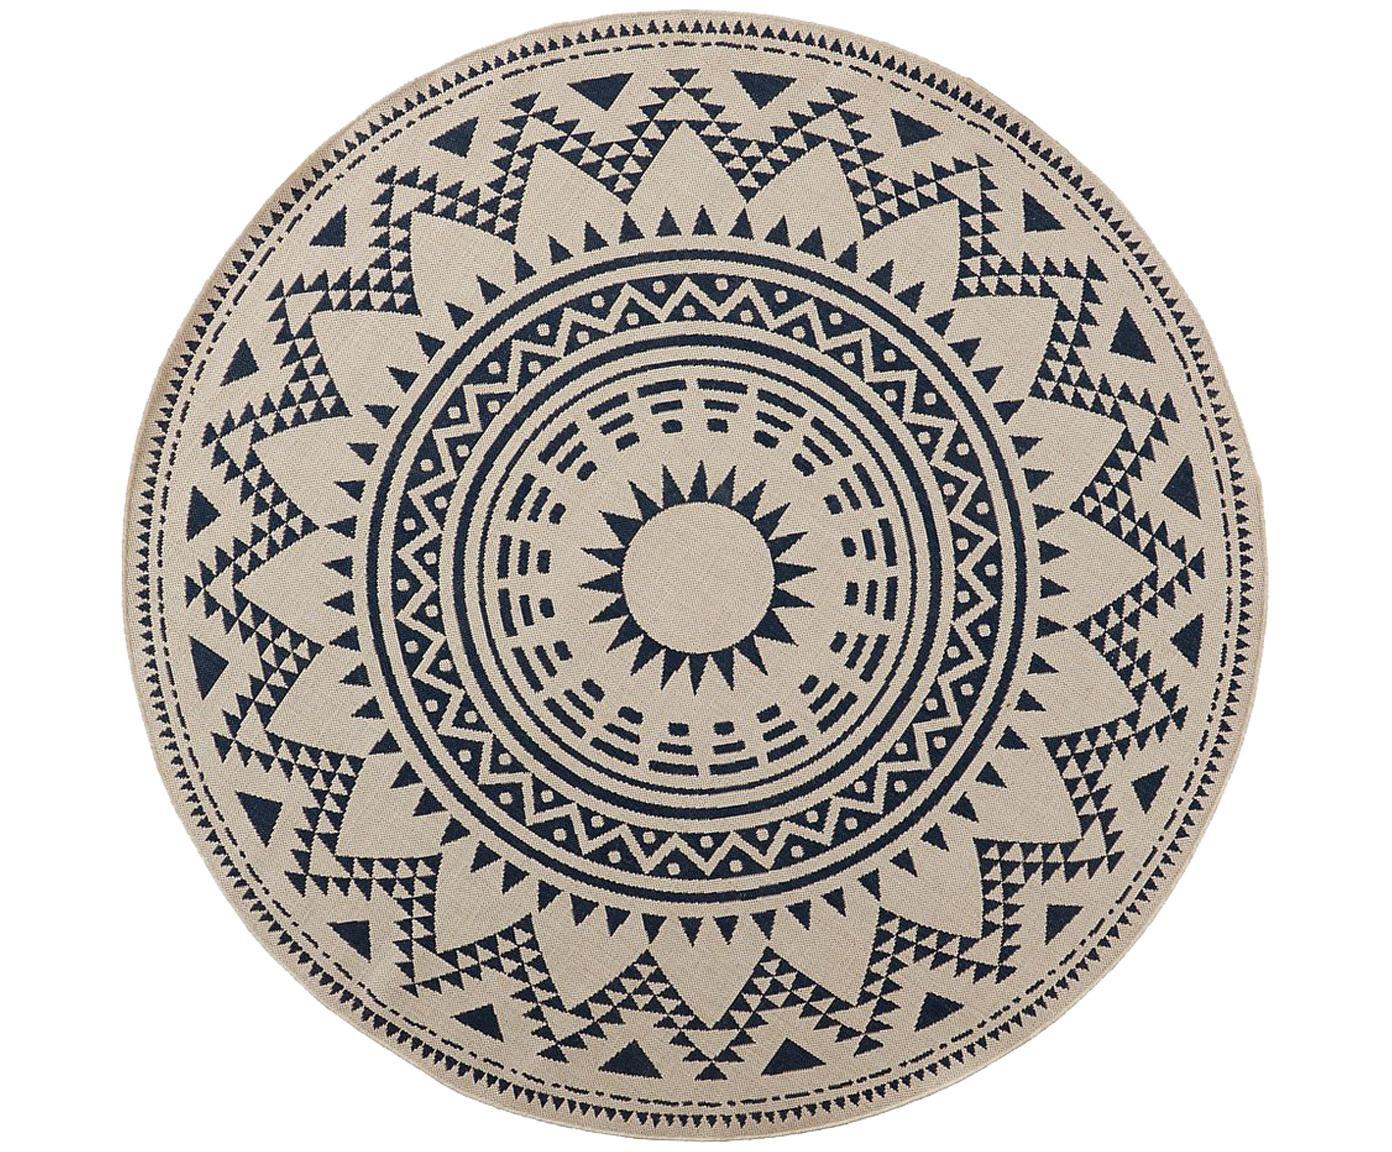 Okrągły dywan wewnętrzny/zewnętrzny Arre, Polipropylen, Biały, niebieski, Ø 200 cm (Rozmiar L)